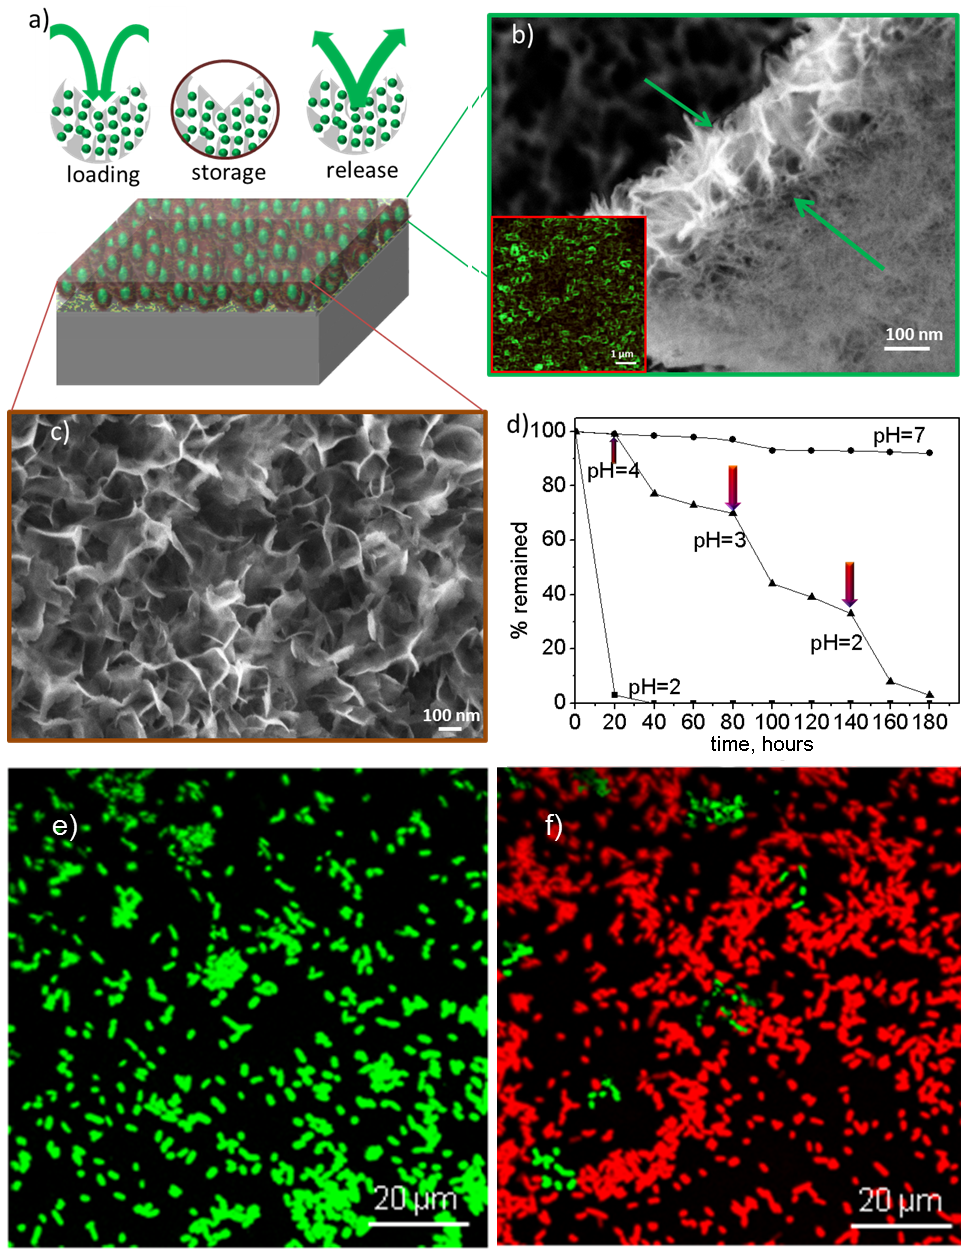 Abb. 2: Oben: Schematische Darstellung des Einbaus des fluoreszierenden Wirkstoffs Doxorubizin (links) und Nachweis des Einbaus in die Oberfläche (grü